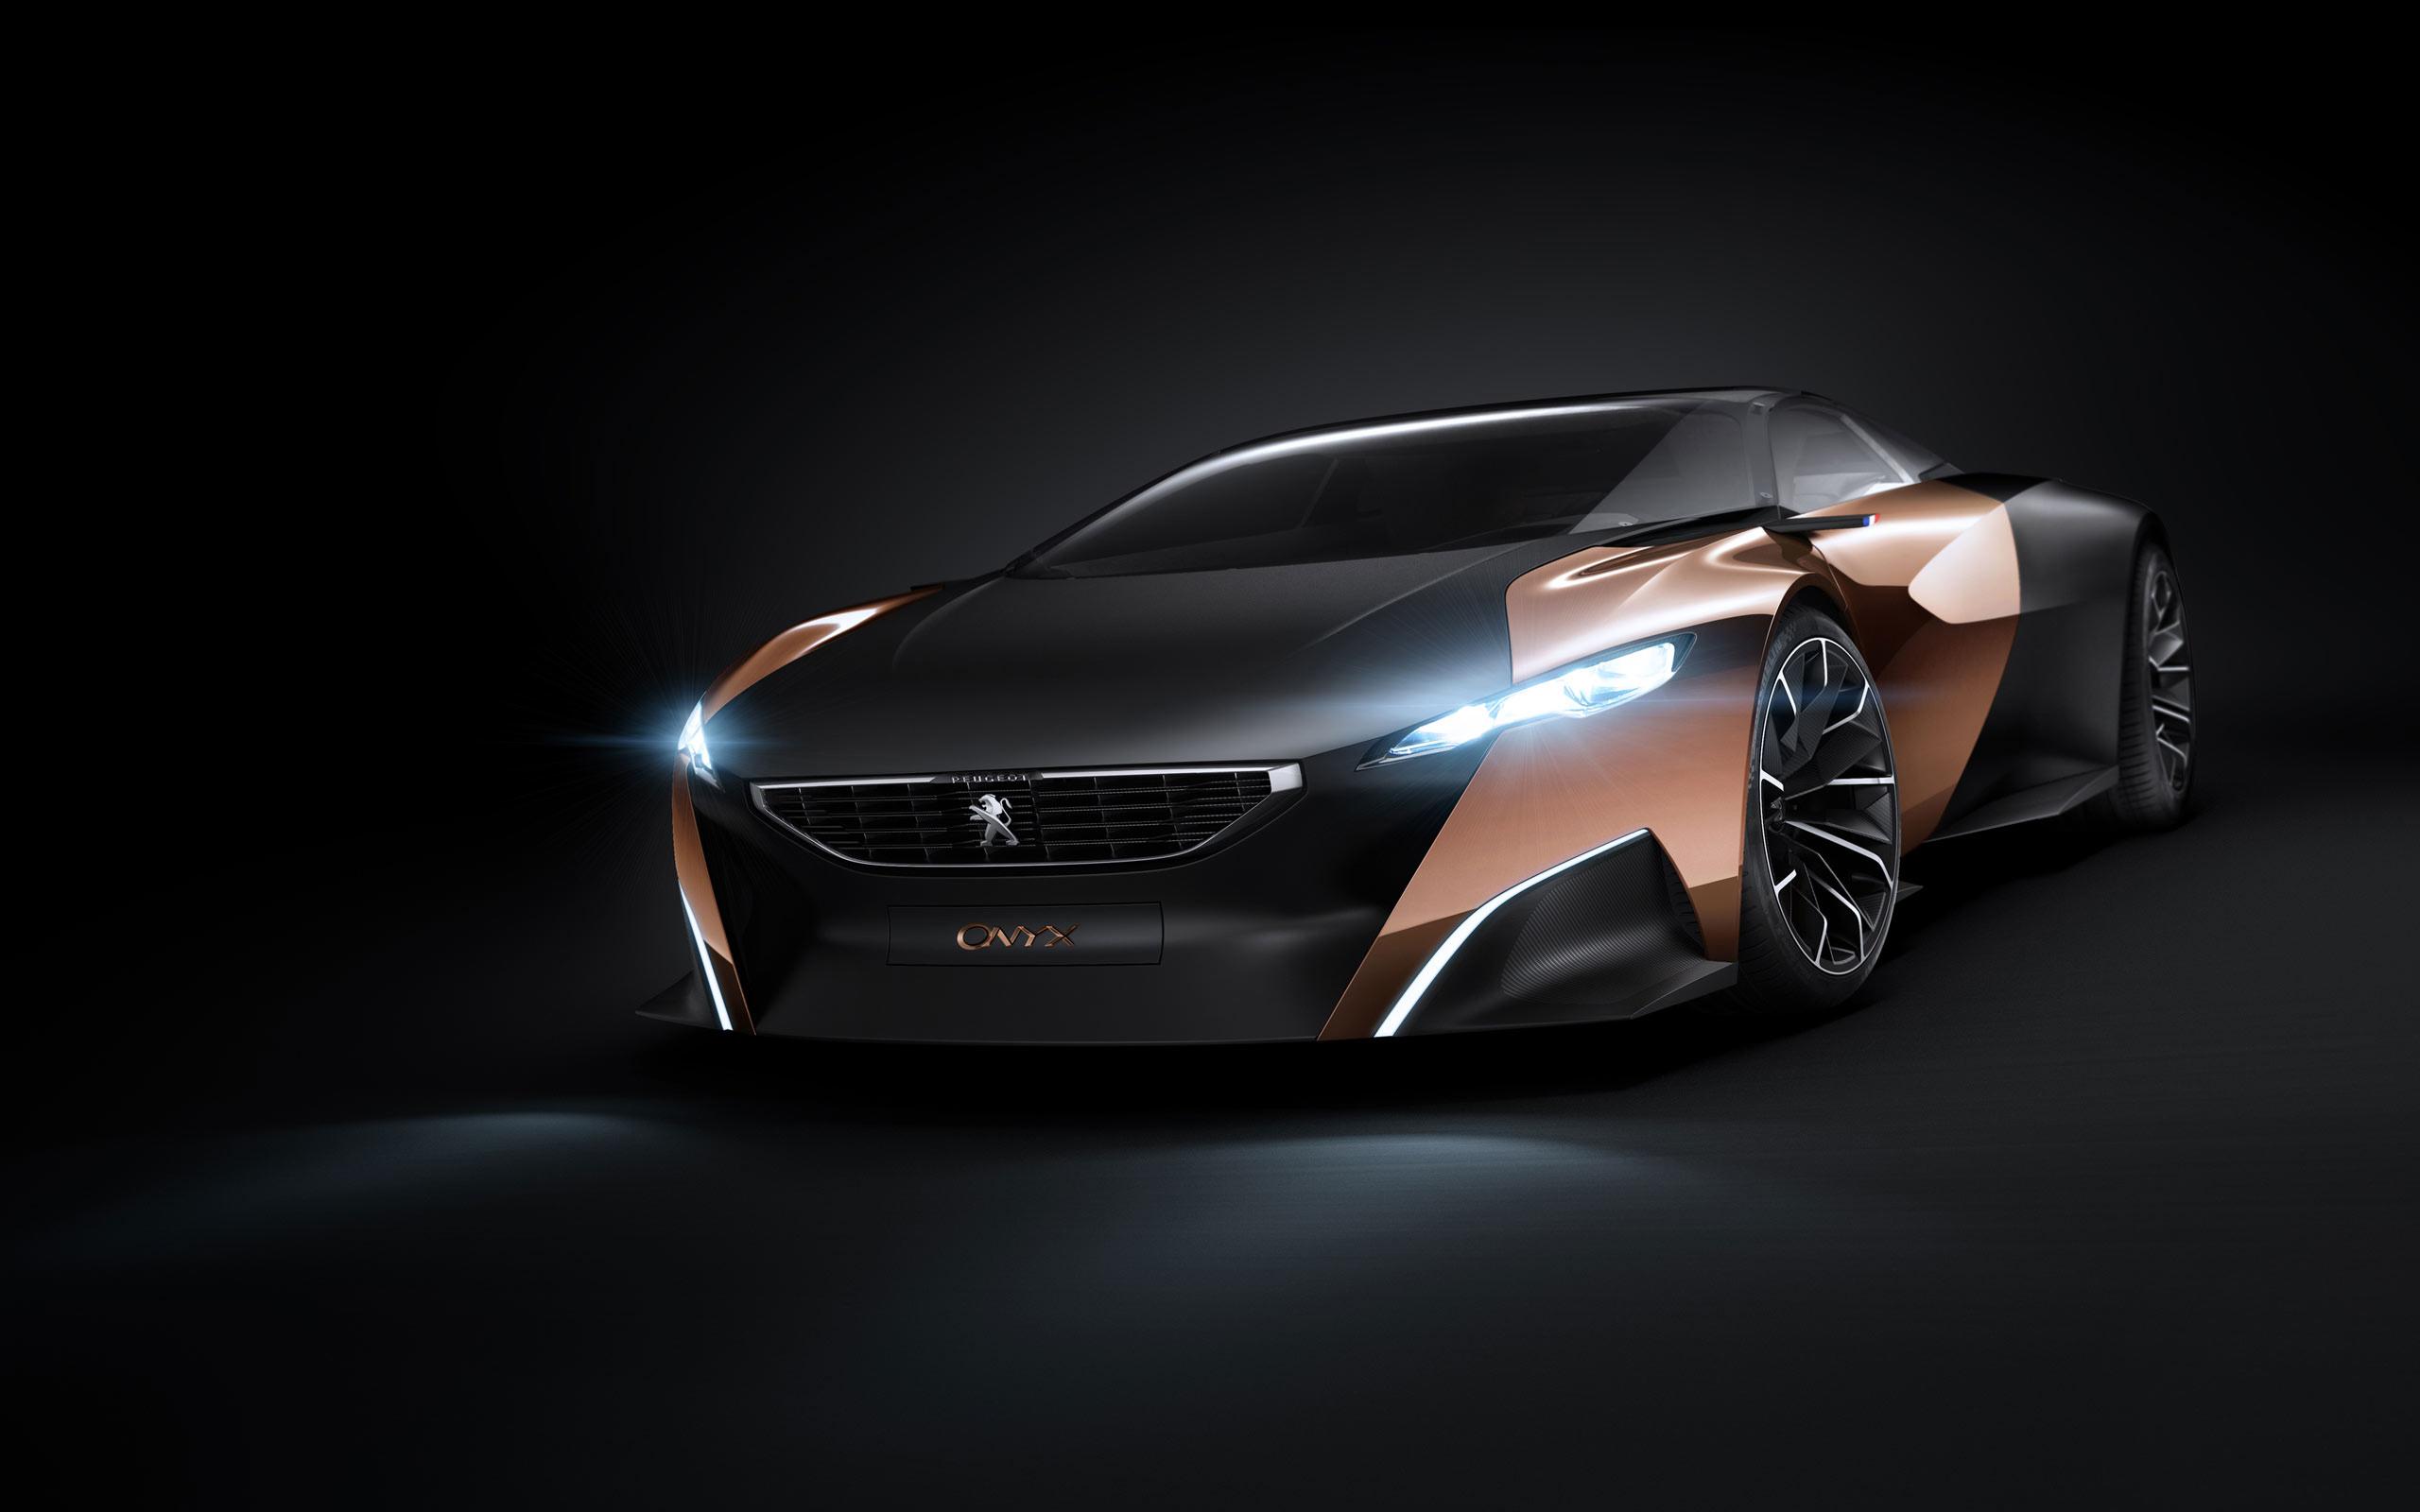 Peugeot Onyx Concept Car 2012